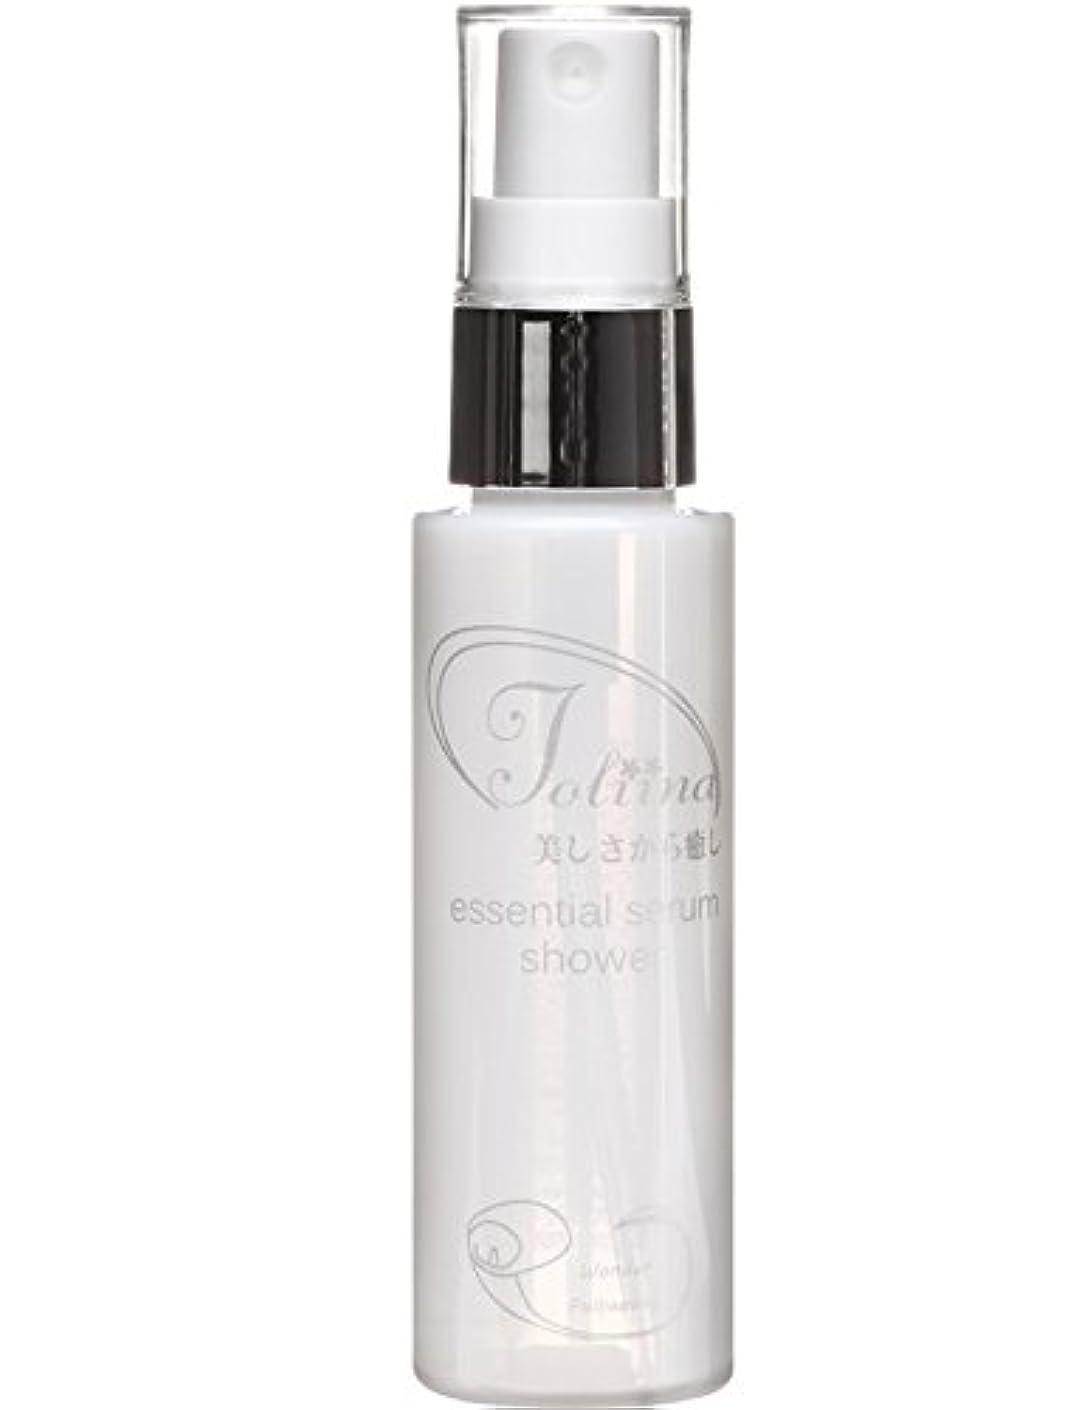 キャンバス冷蔵庫アウターToliina essential serum shower